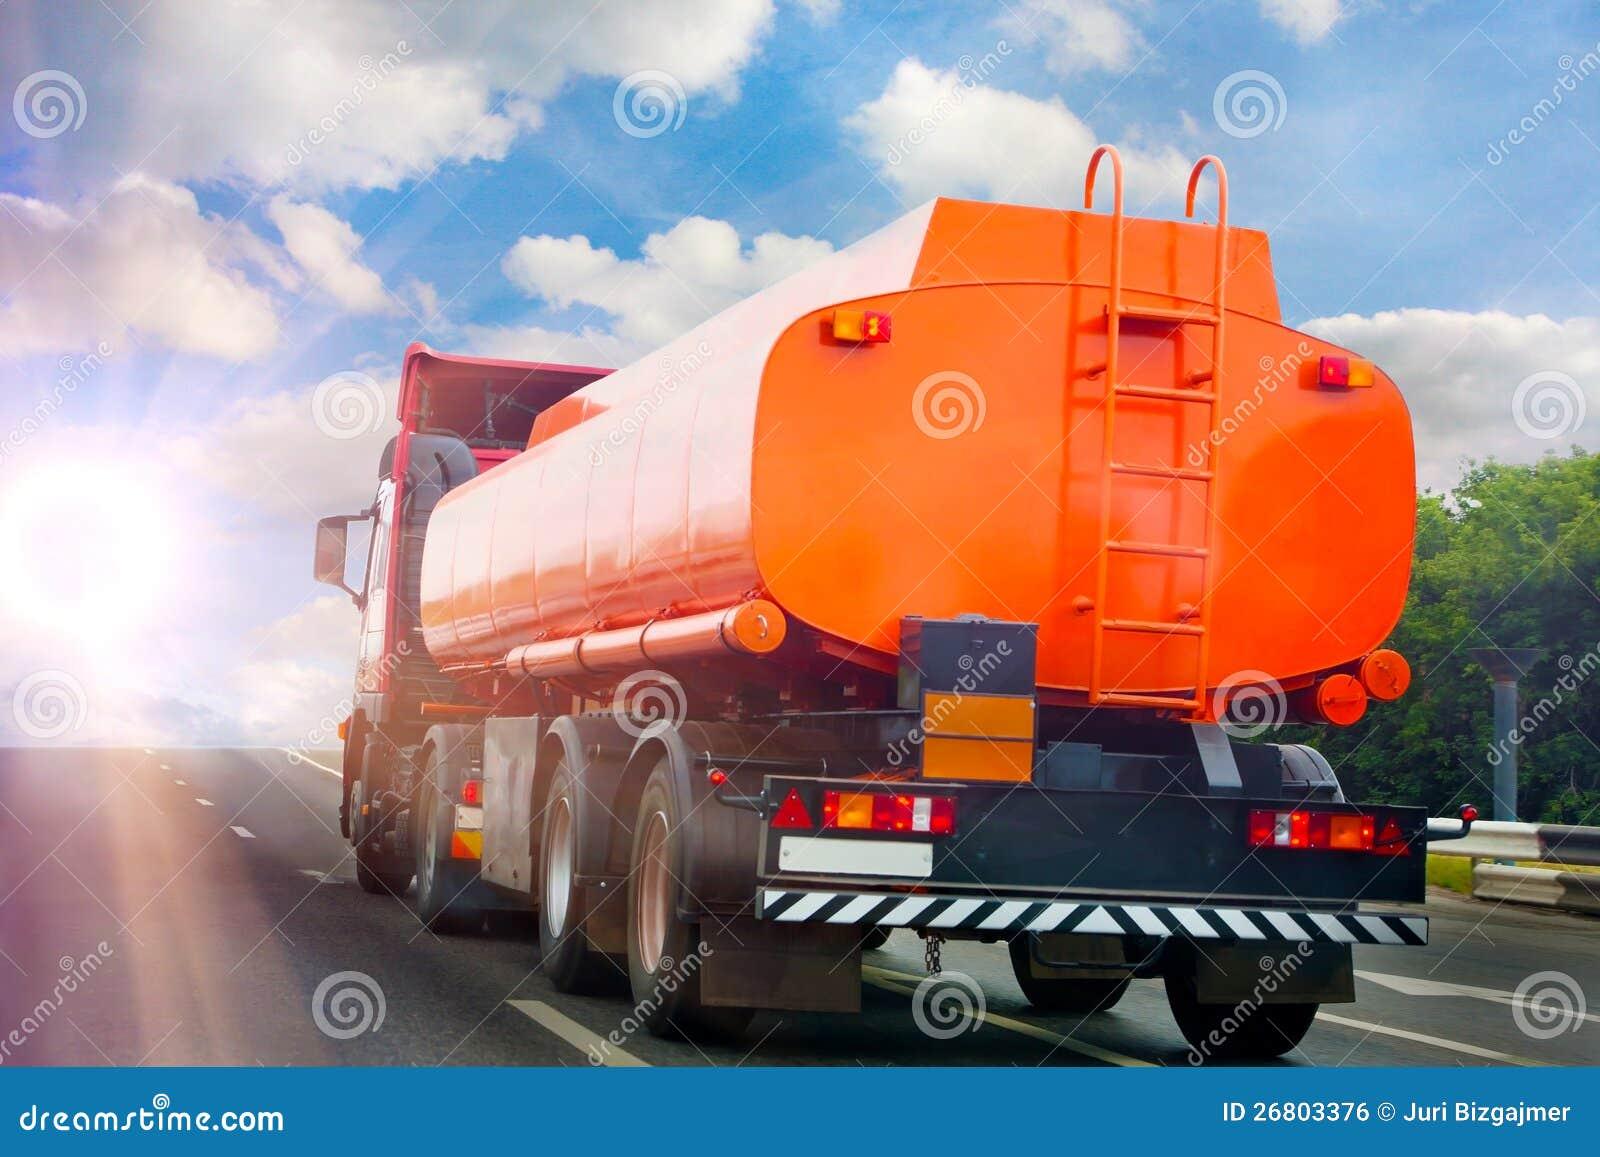 Тележка Gas-tank идет на хайвей